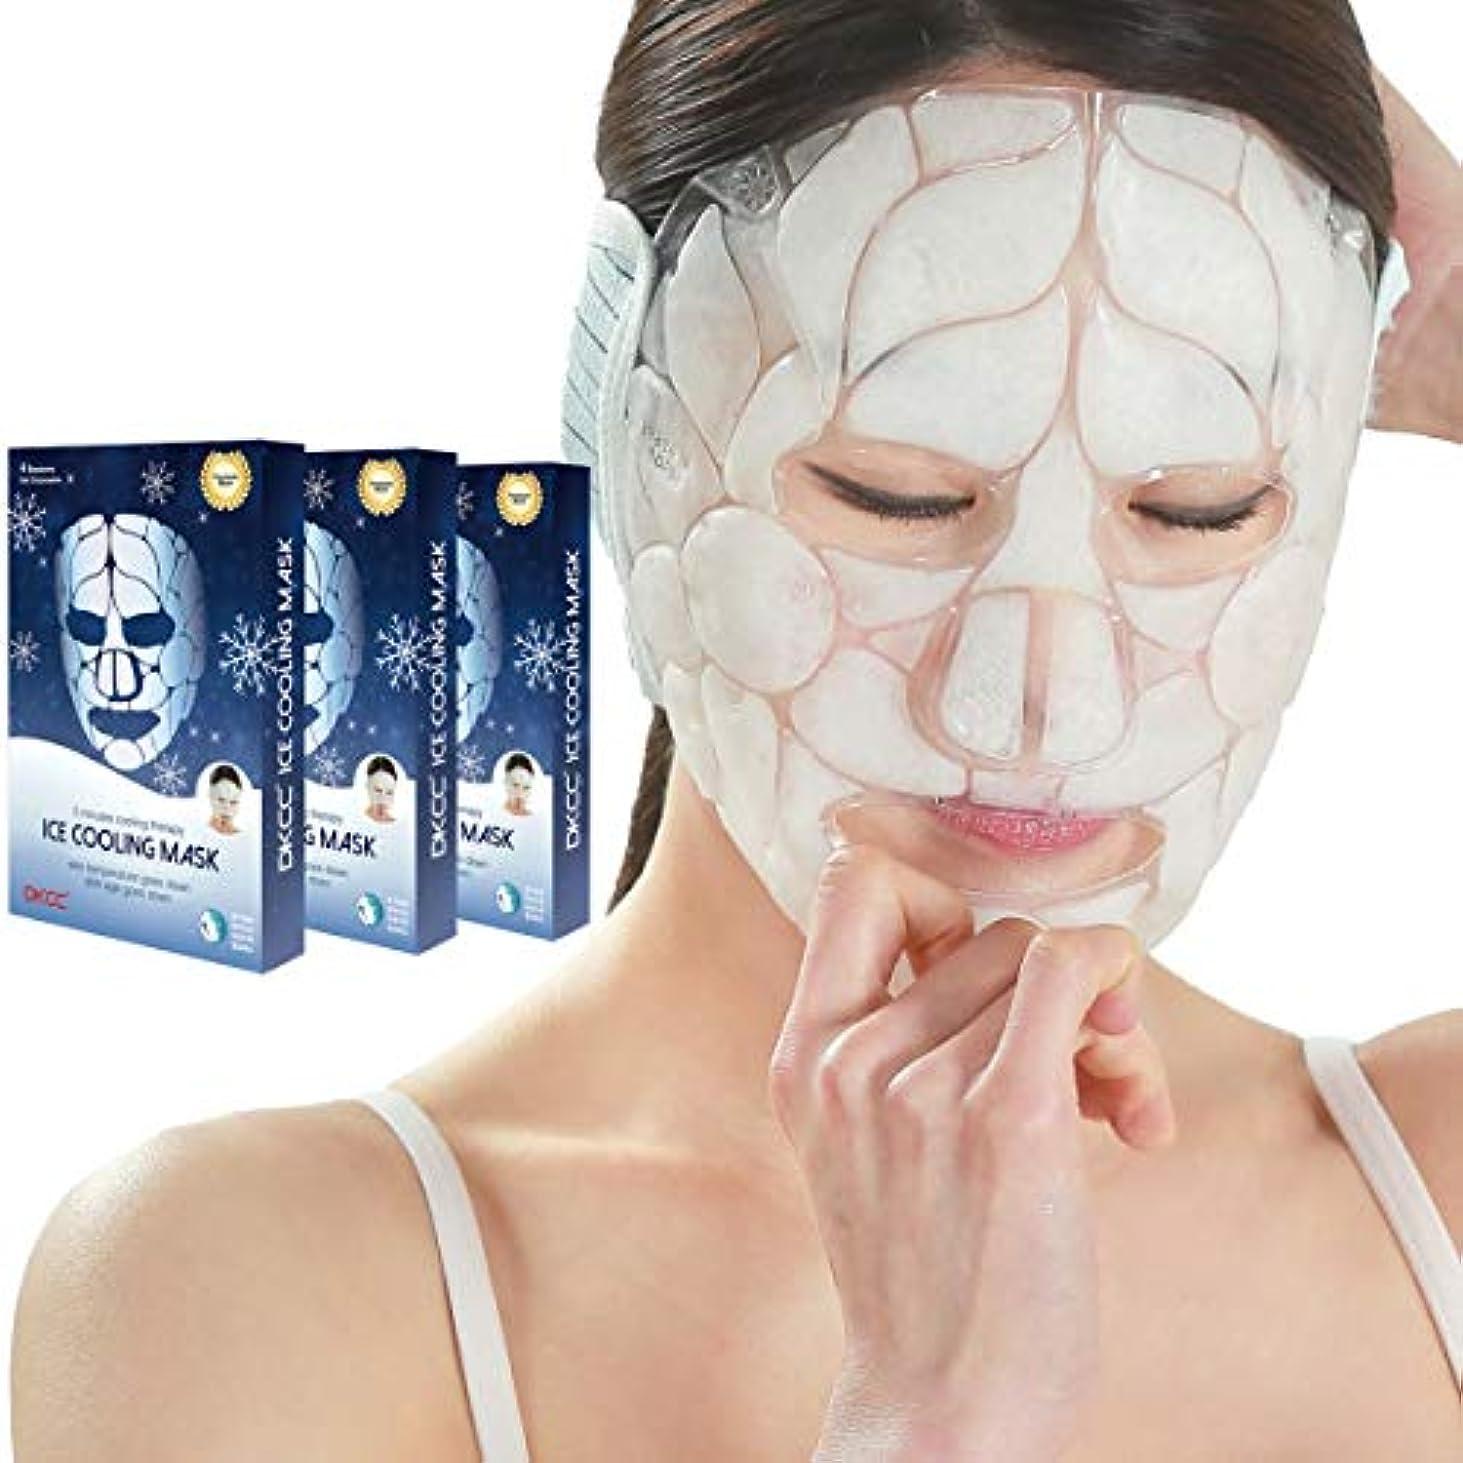 発生する壁黙DKCC アイスクーリングマスク